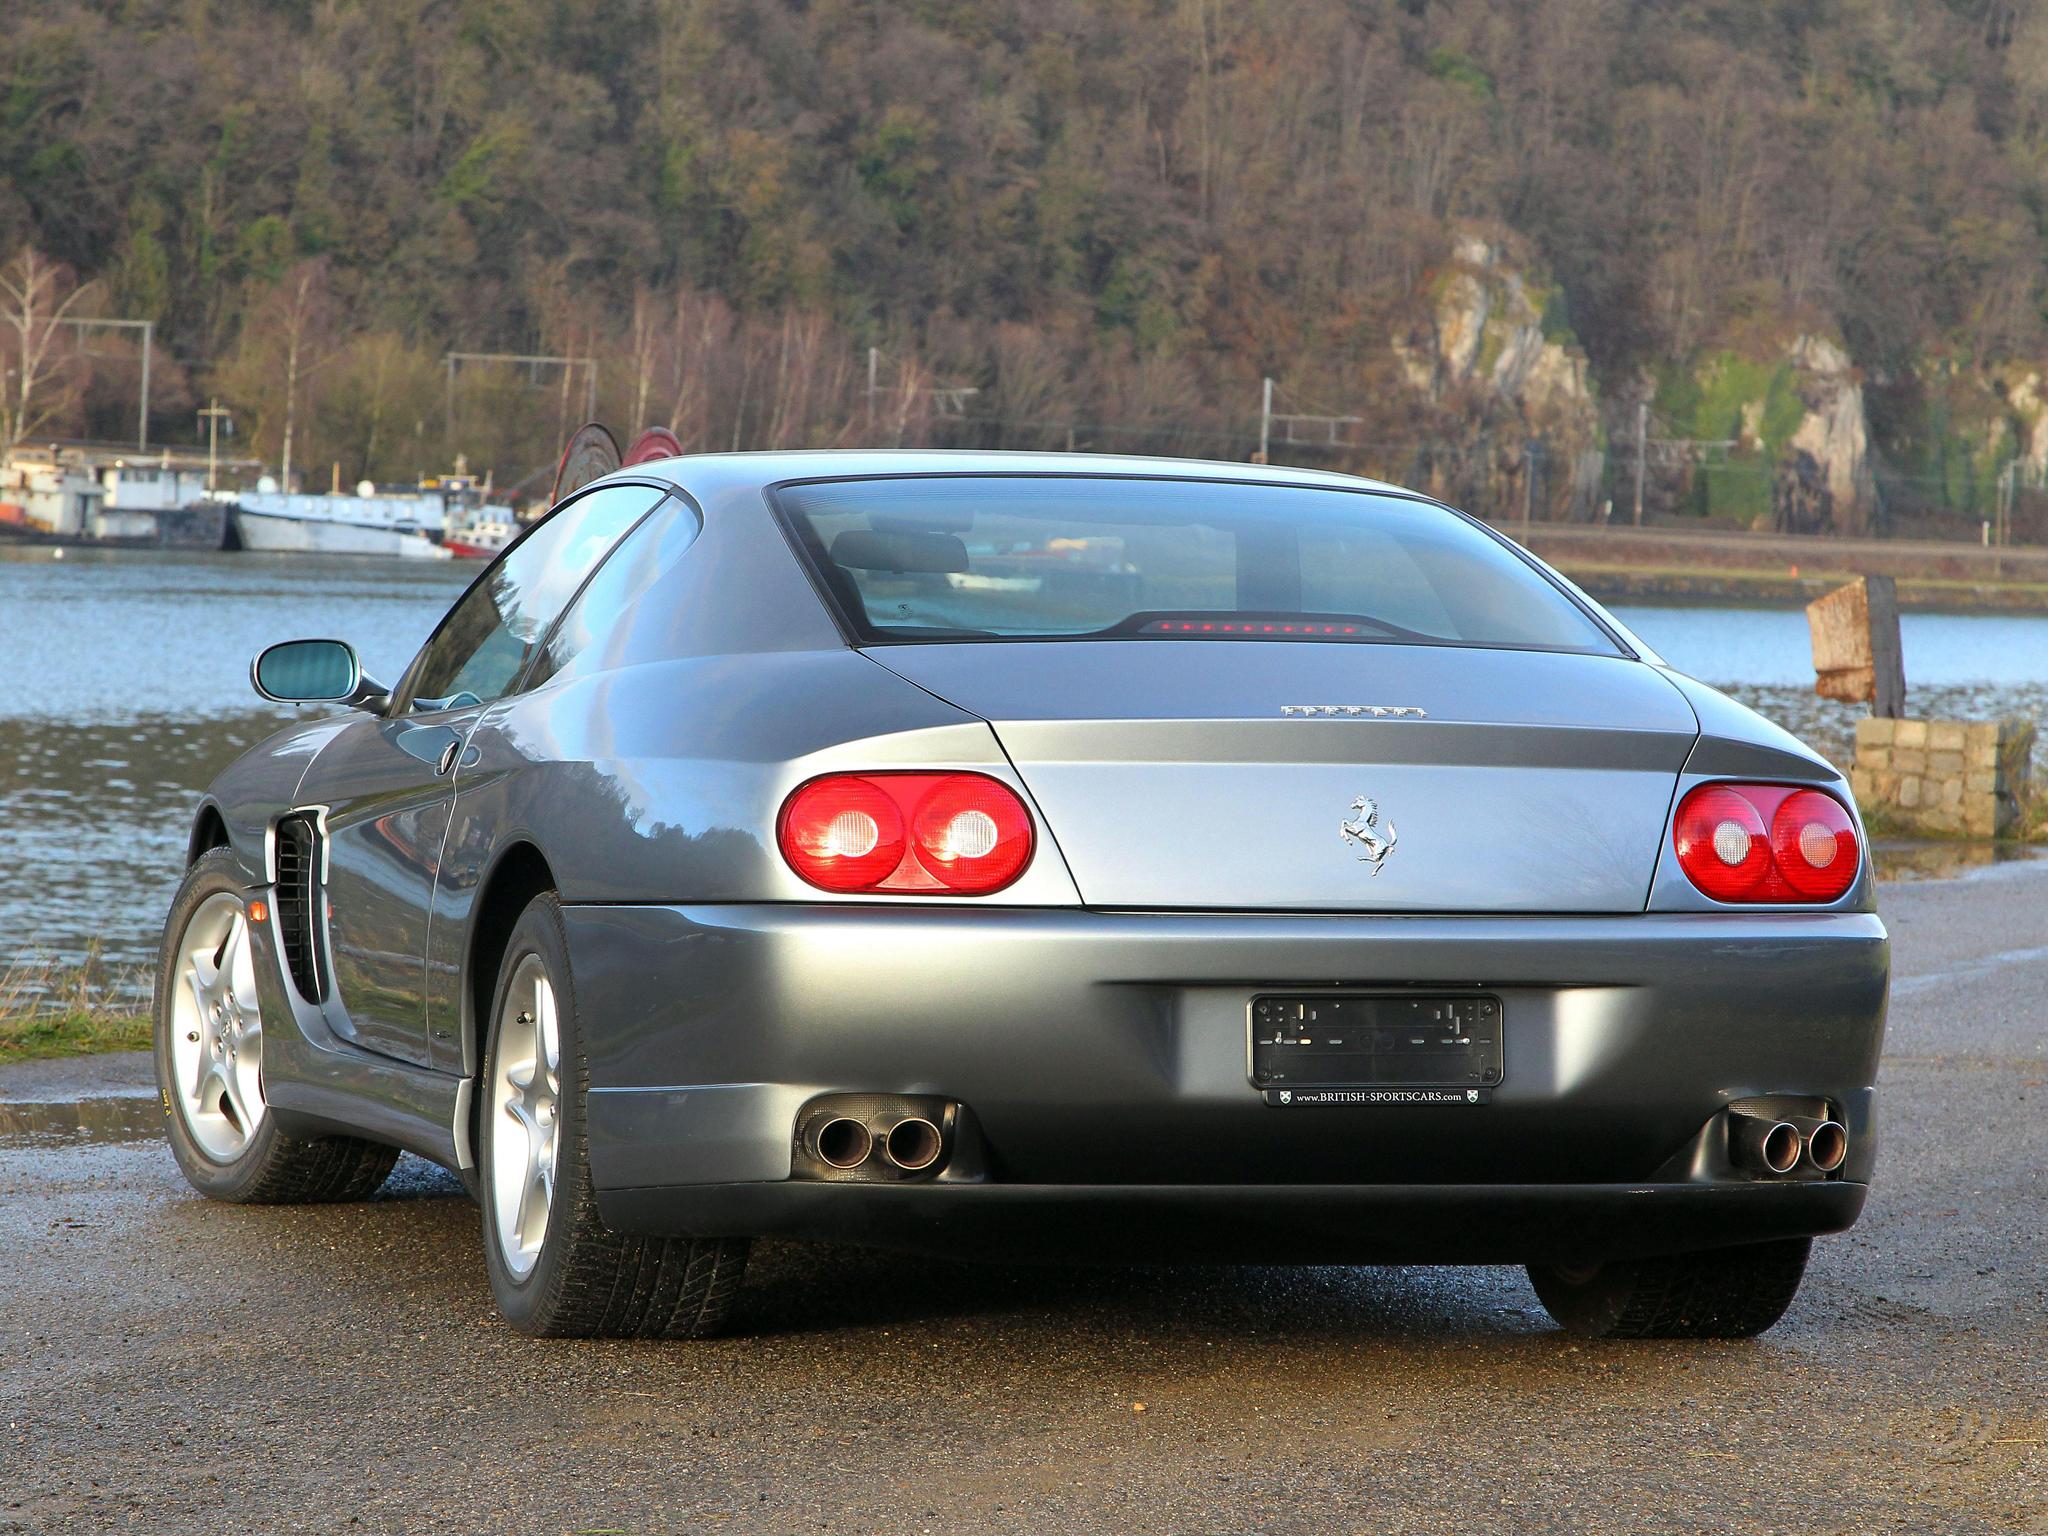 1998 03 ferrari 456 m g t supercar 1998 2003 dw wallpaper